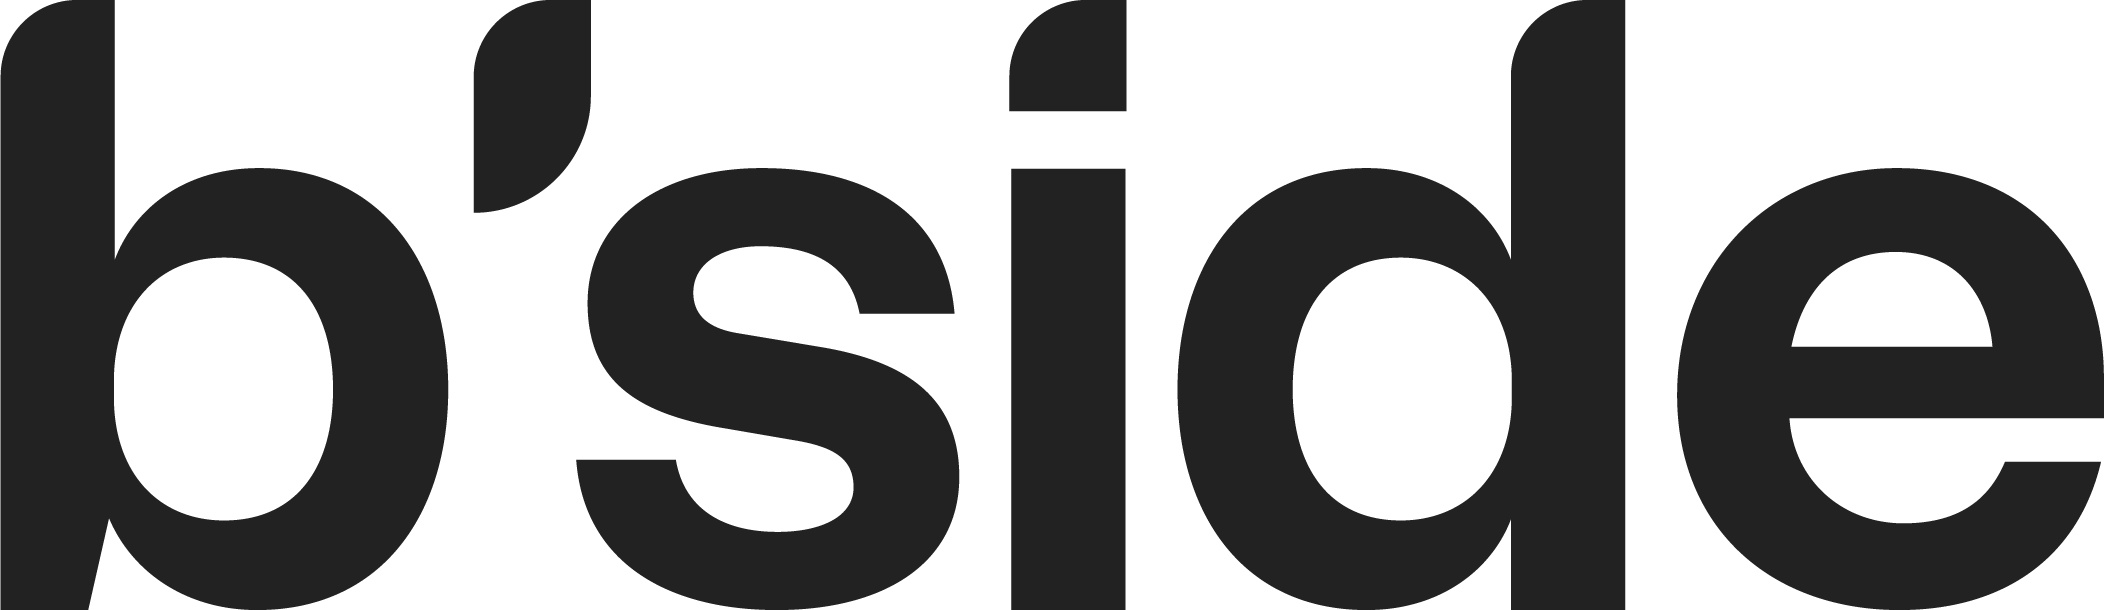 b'side